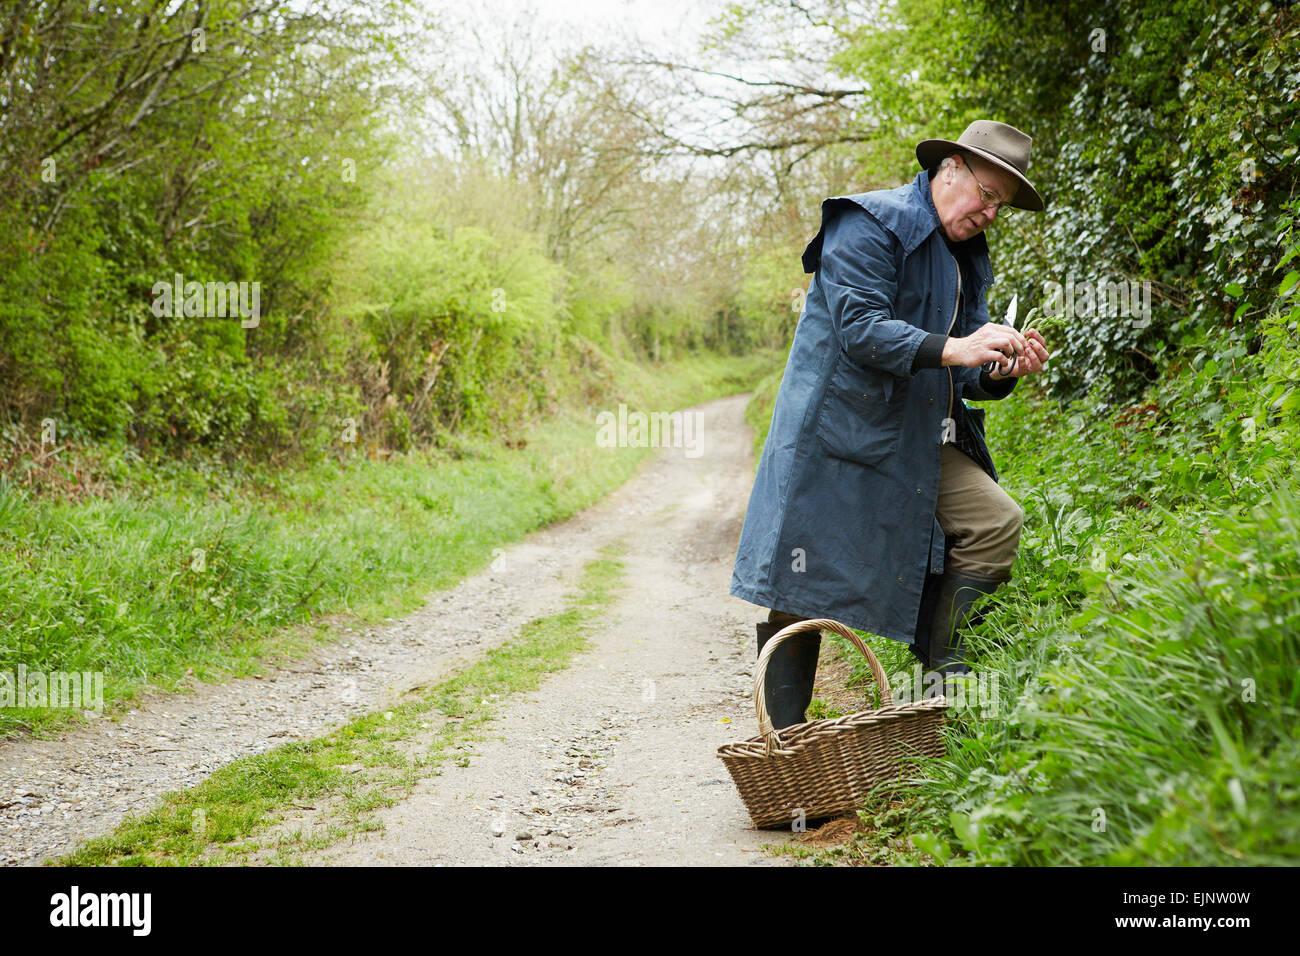 Un hombre en un largo abrigo y botas forrajeando para plantas comestibles y sabrosos en el seto. Imagen De Stock